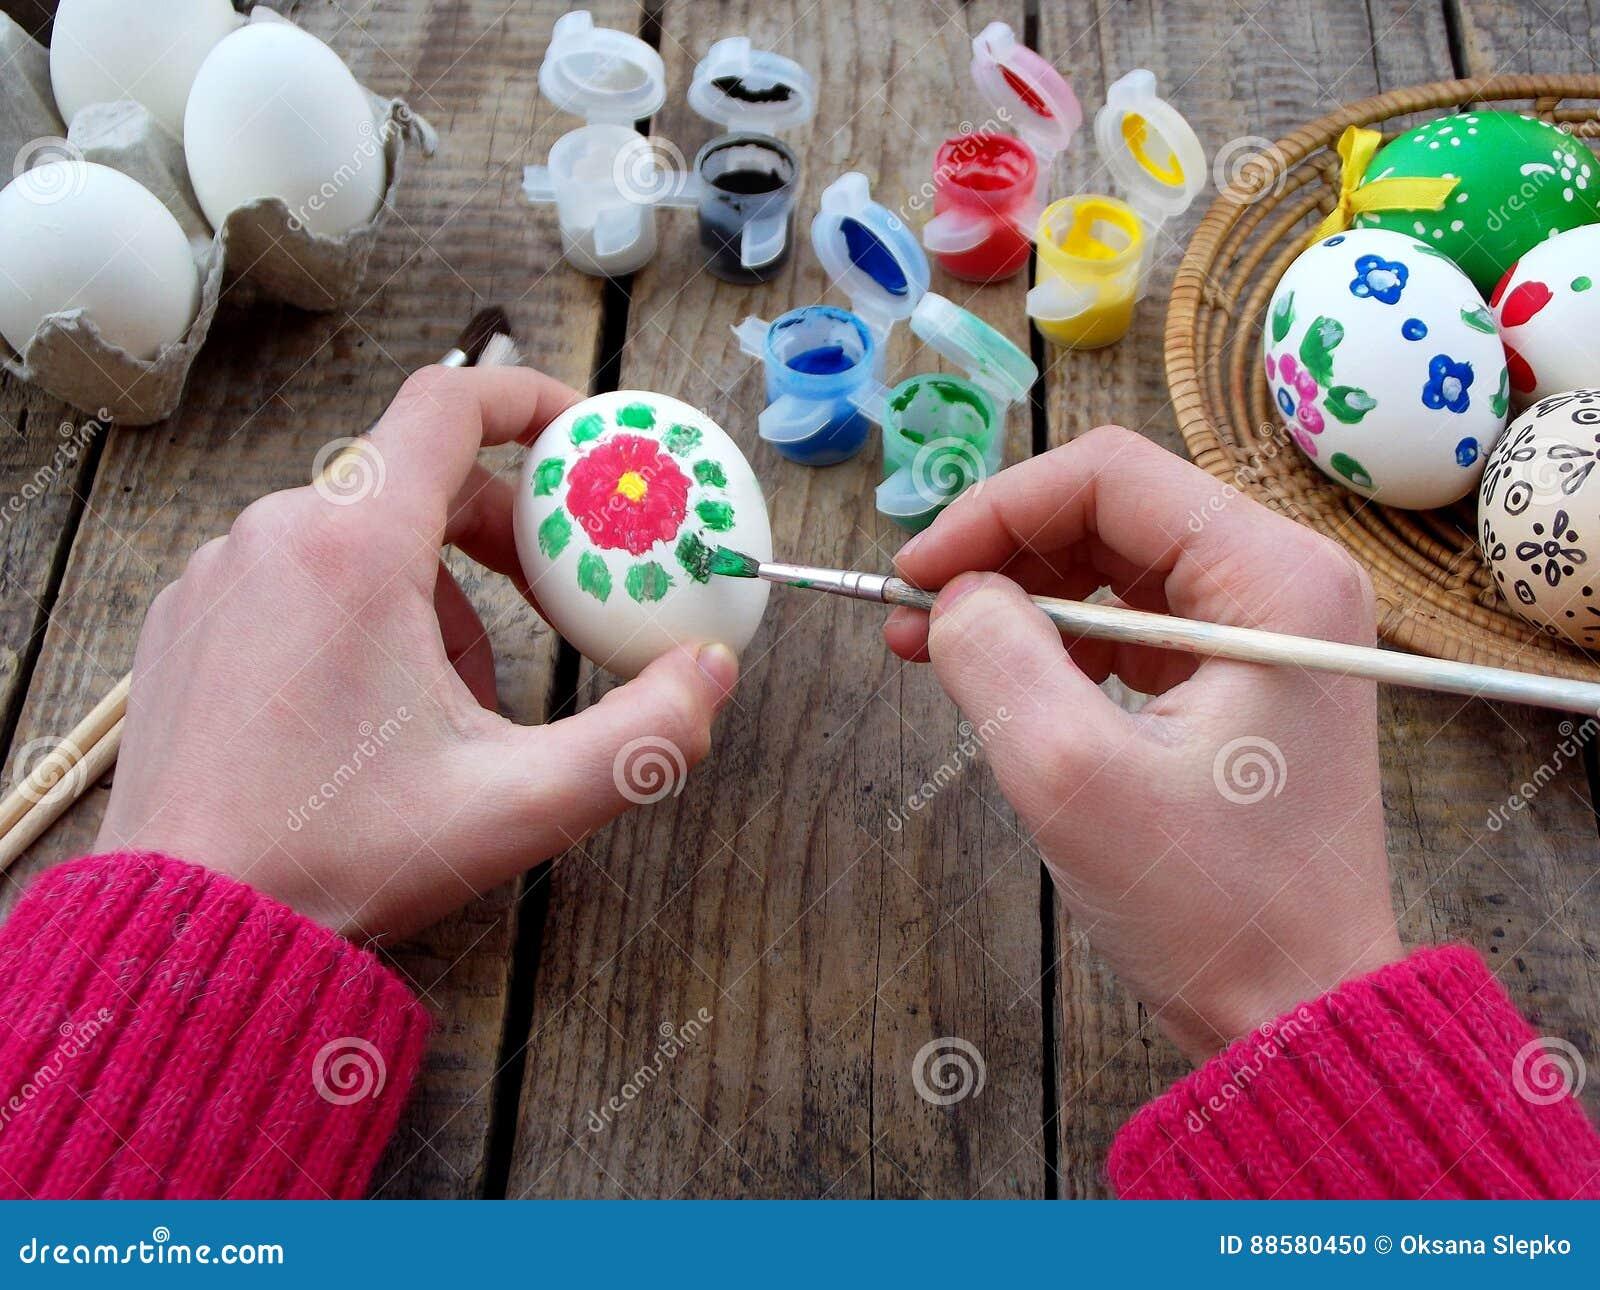 女孩递与花卉样式树胶水彩画颜料的绘画鸡蛋 装饰鸡蛋 背景面包软绵绵地结块复活节彩蛋酥皮点心准备影子白色